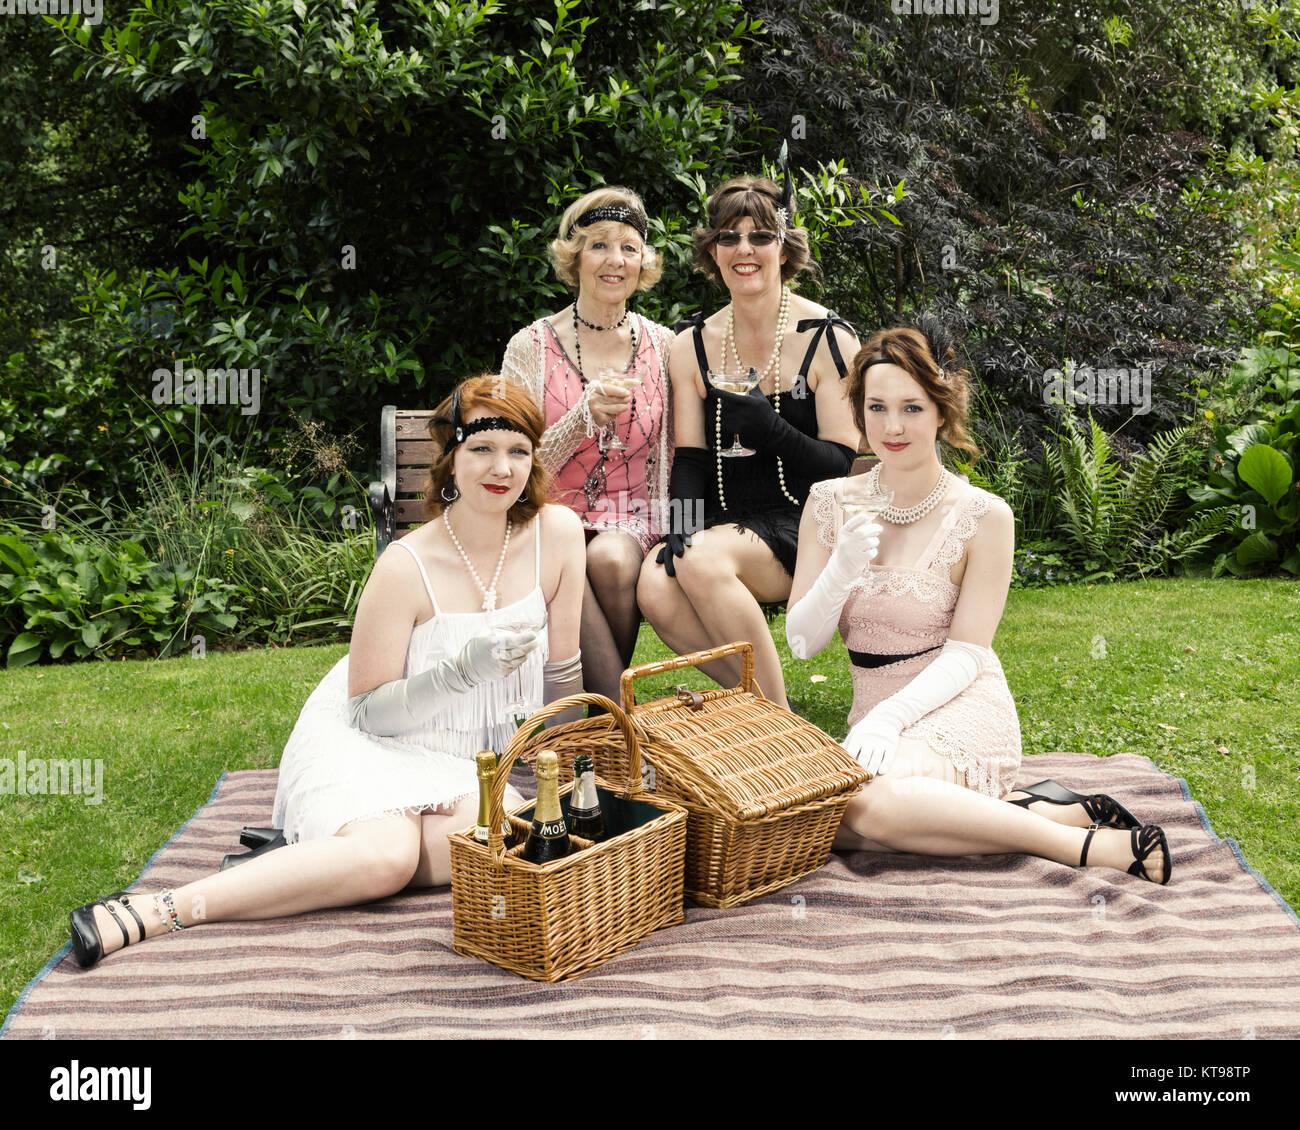 30er Jahre Stil Garten Picknick mit Periode Kleidung Stockbild